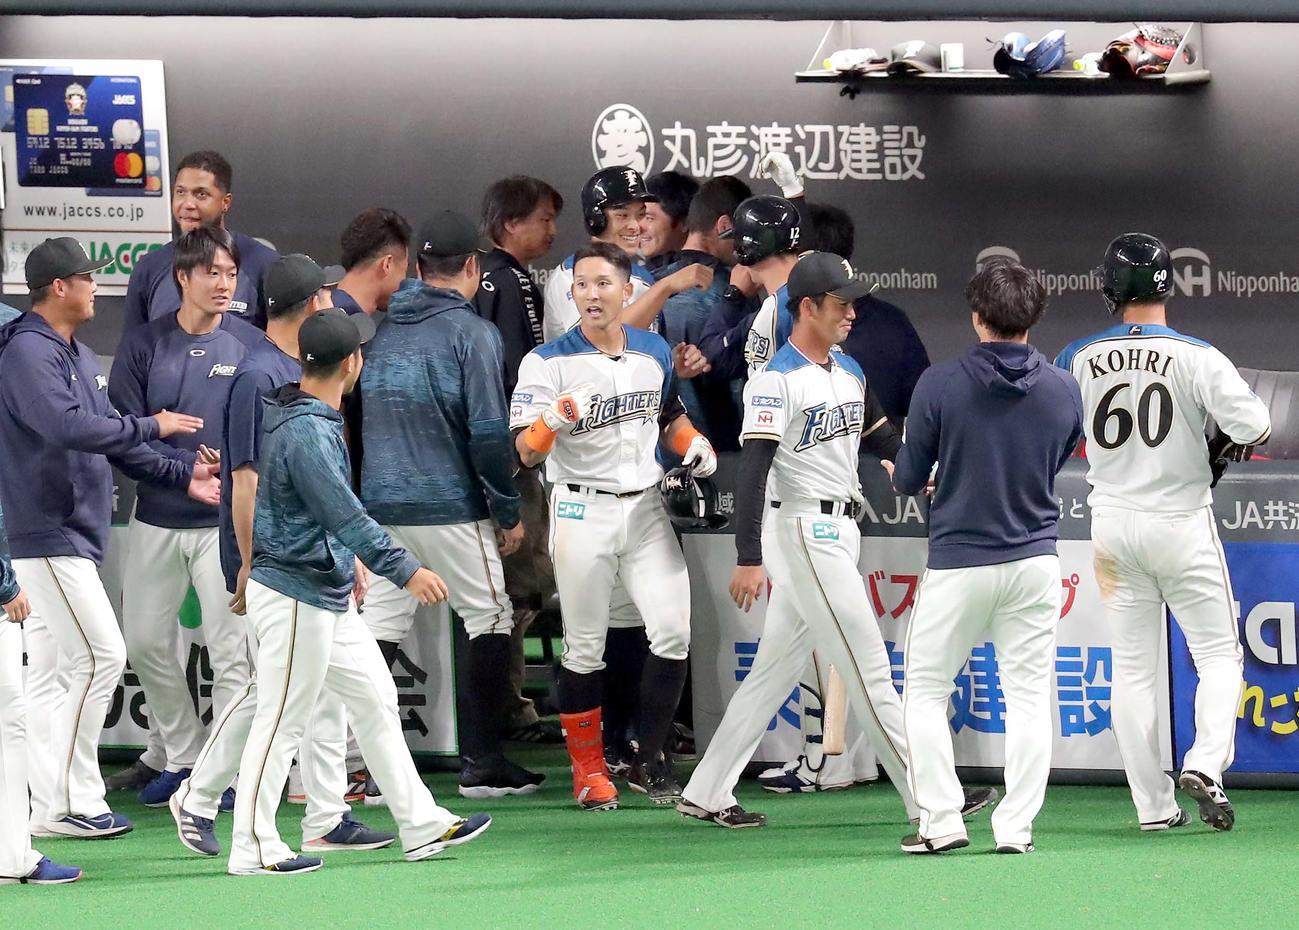 日本ハム対オリックス 9回裏日本ハム2死満塁、サヨナラ打を放つもチームメートに出迎えてもらえず不満そうな杉谷(中央)(撮影・佐藤翔太)